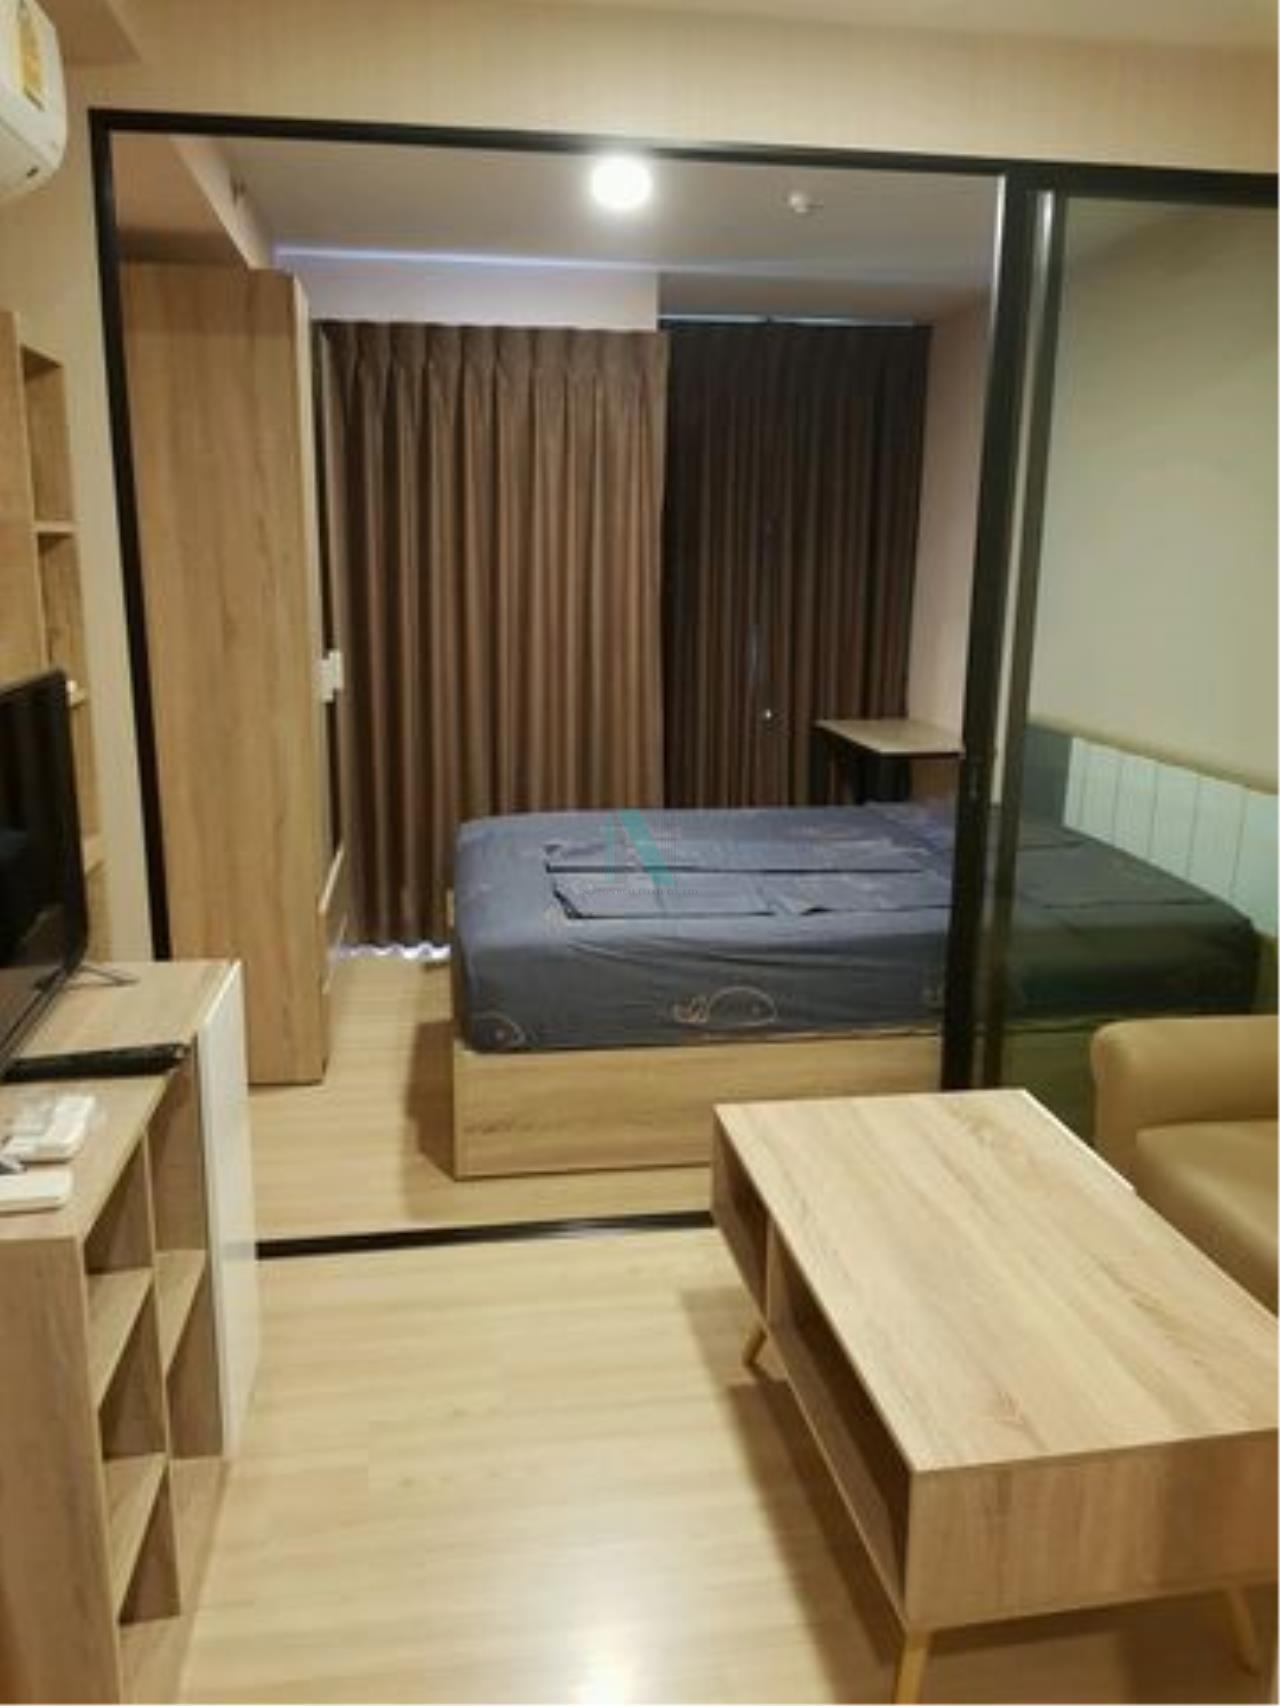 Sell KNIGHTSBRIDGE SKYCITY SAPHANMAI 1 bedroom, 5th floor, 23 square meters